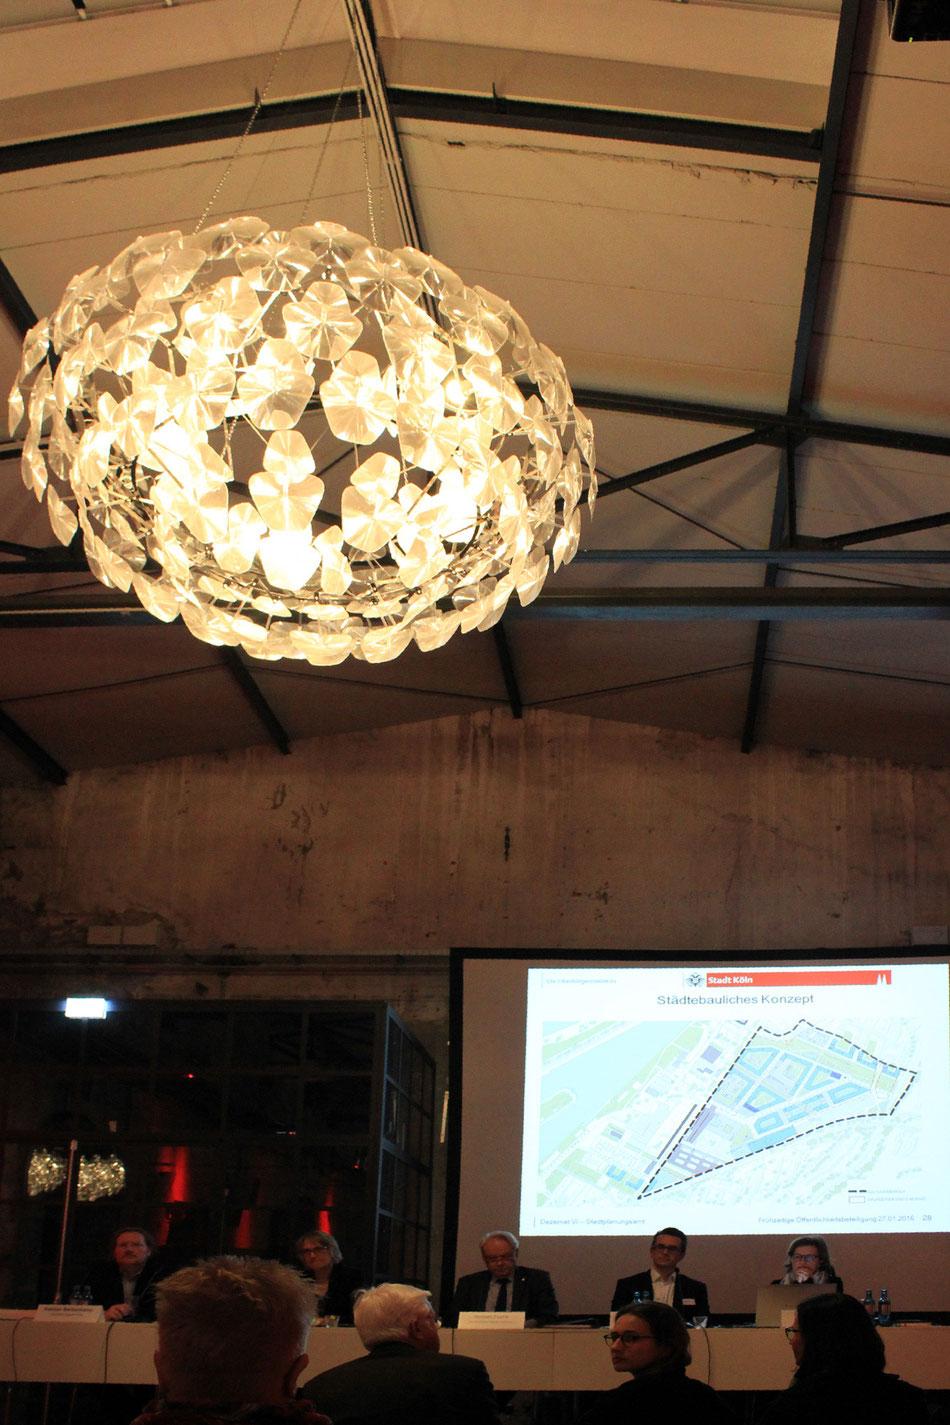 Stadtplanungsamt, Bezirksbürgermeister Norbert Fuchs, Stadtplaner und Architekten stellen die Planung vor.